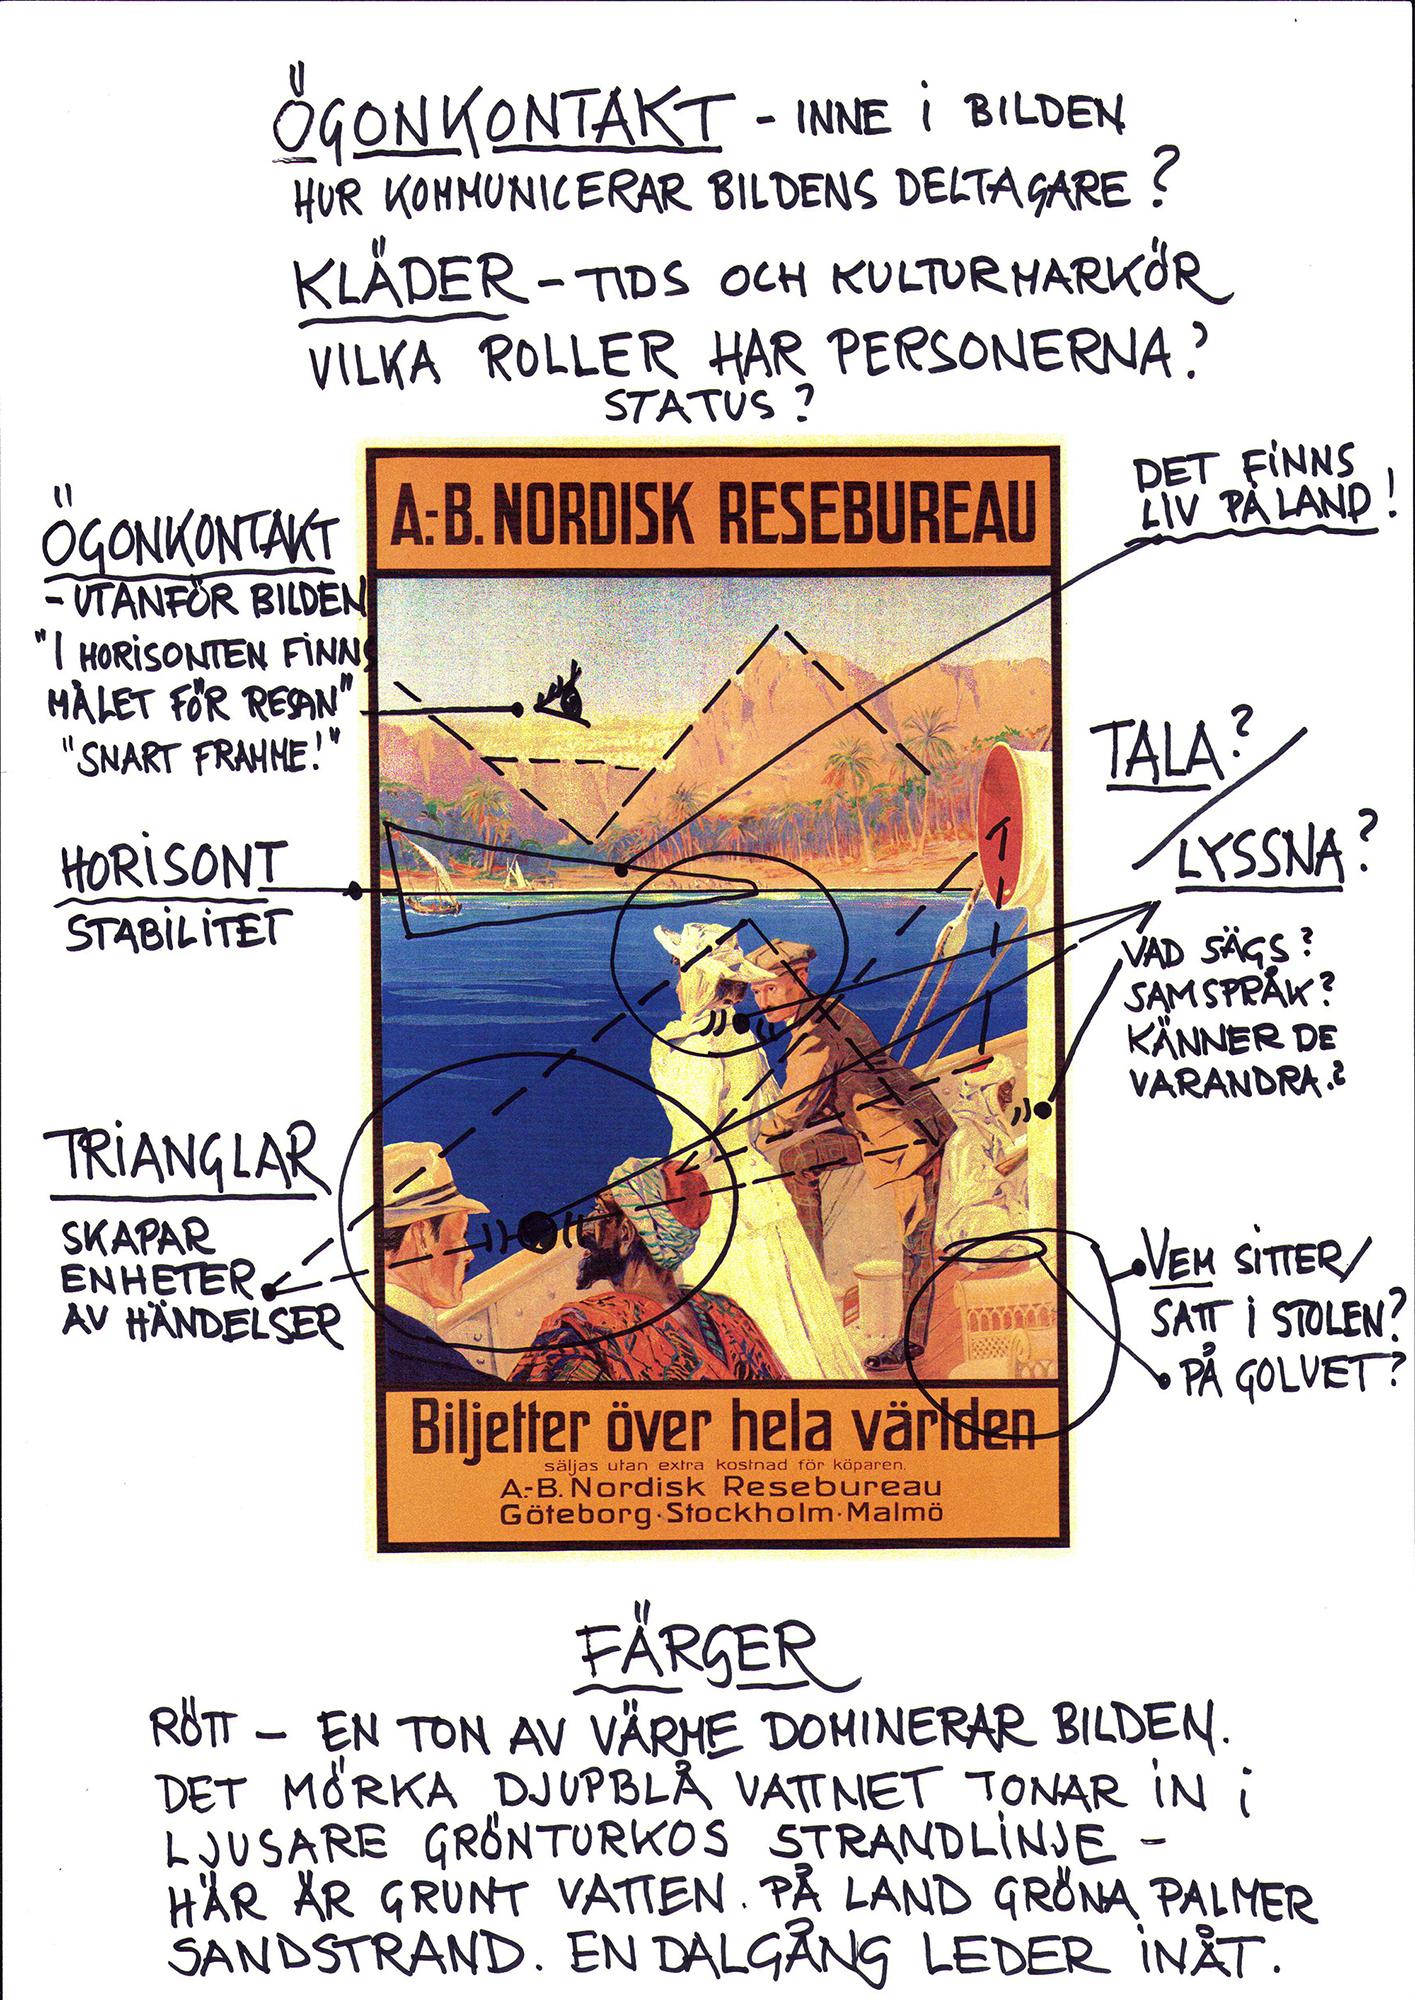 Nordisk Resebureau - okänd konstnär 1920